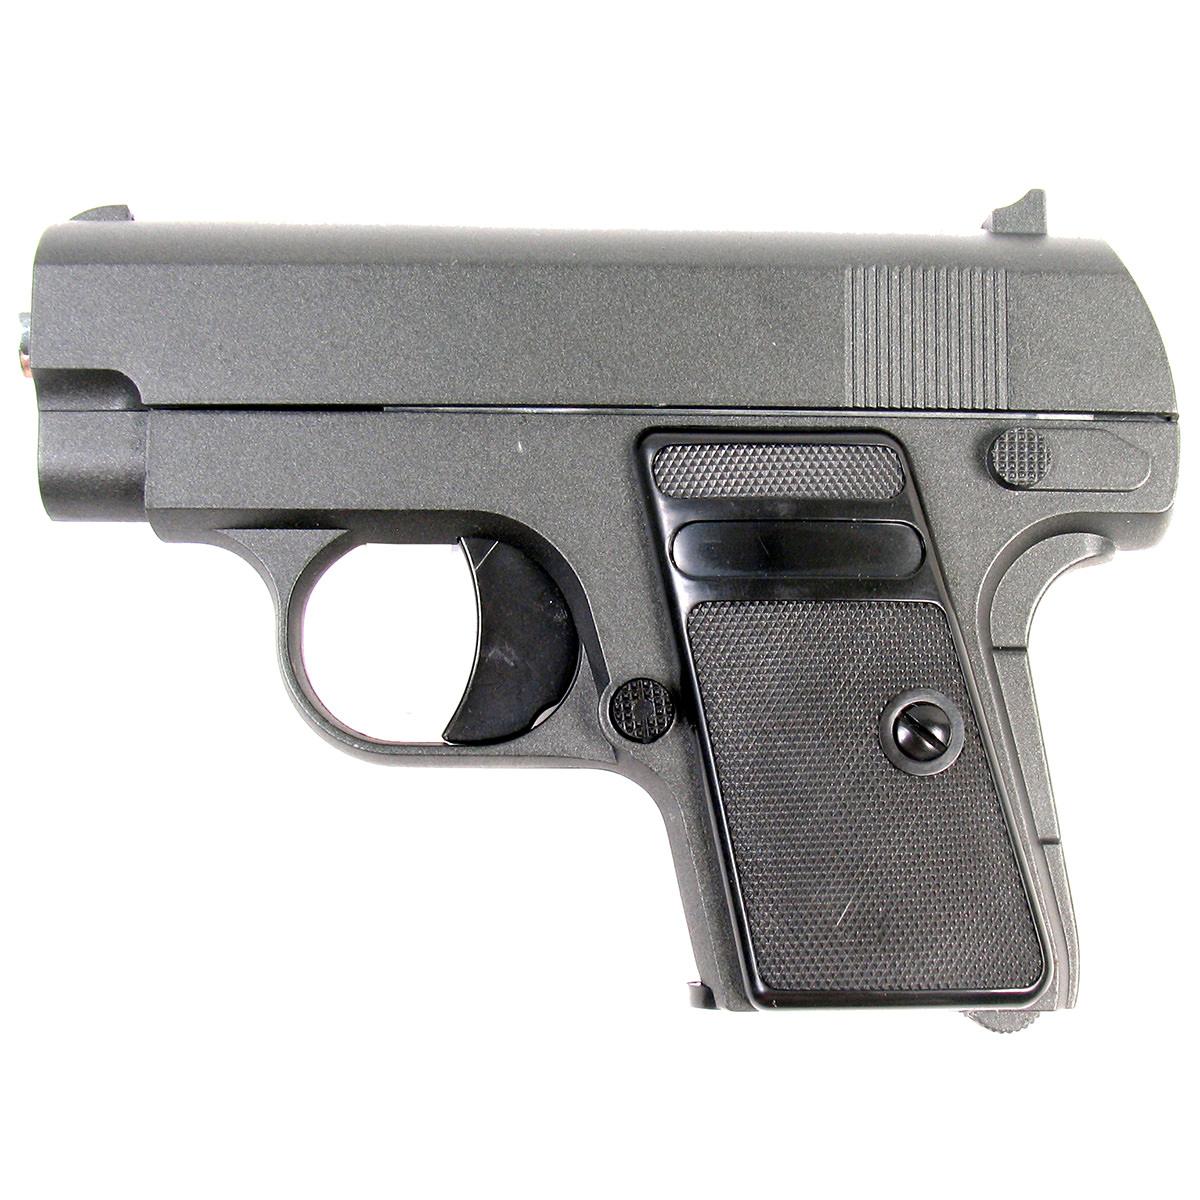 Пистолет страйкбольный Galaxy G.9, пружинный, 6 ммG.9Пружинный пистолет G.9 является уменьшенной репликой компактного пистолета Colt 25, предназначенного для скрытого ношения. Корпус пистолета цельнометаллический. В магазин вмещается 6 шариков BB 6 мм. Выстрел из пистолета осуществляется с помощью пружины, максимальная начальная скорость выстрела не более 50 м/с. Прицельные приспособления не регулируемые, пистолет предназначен для стрельбы на короткие дистанции.